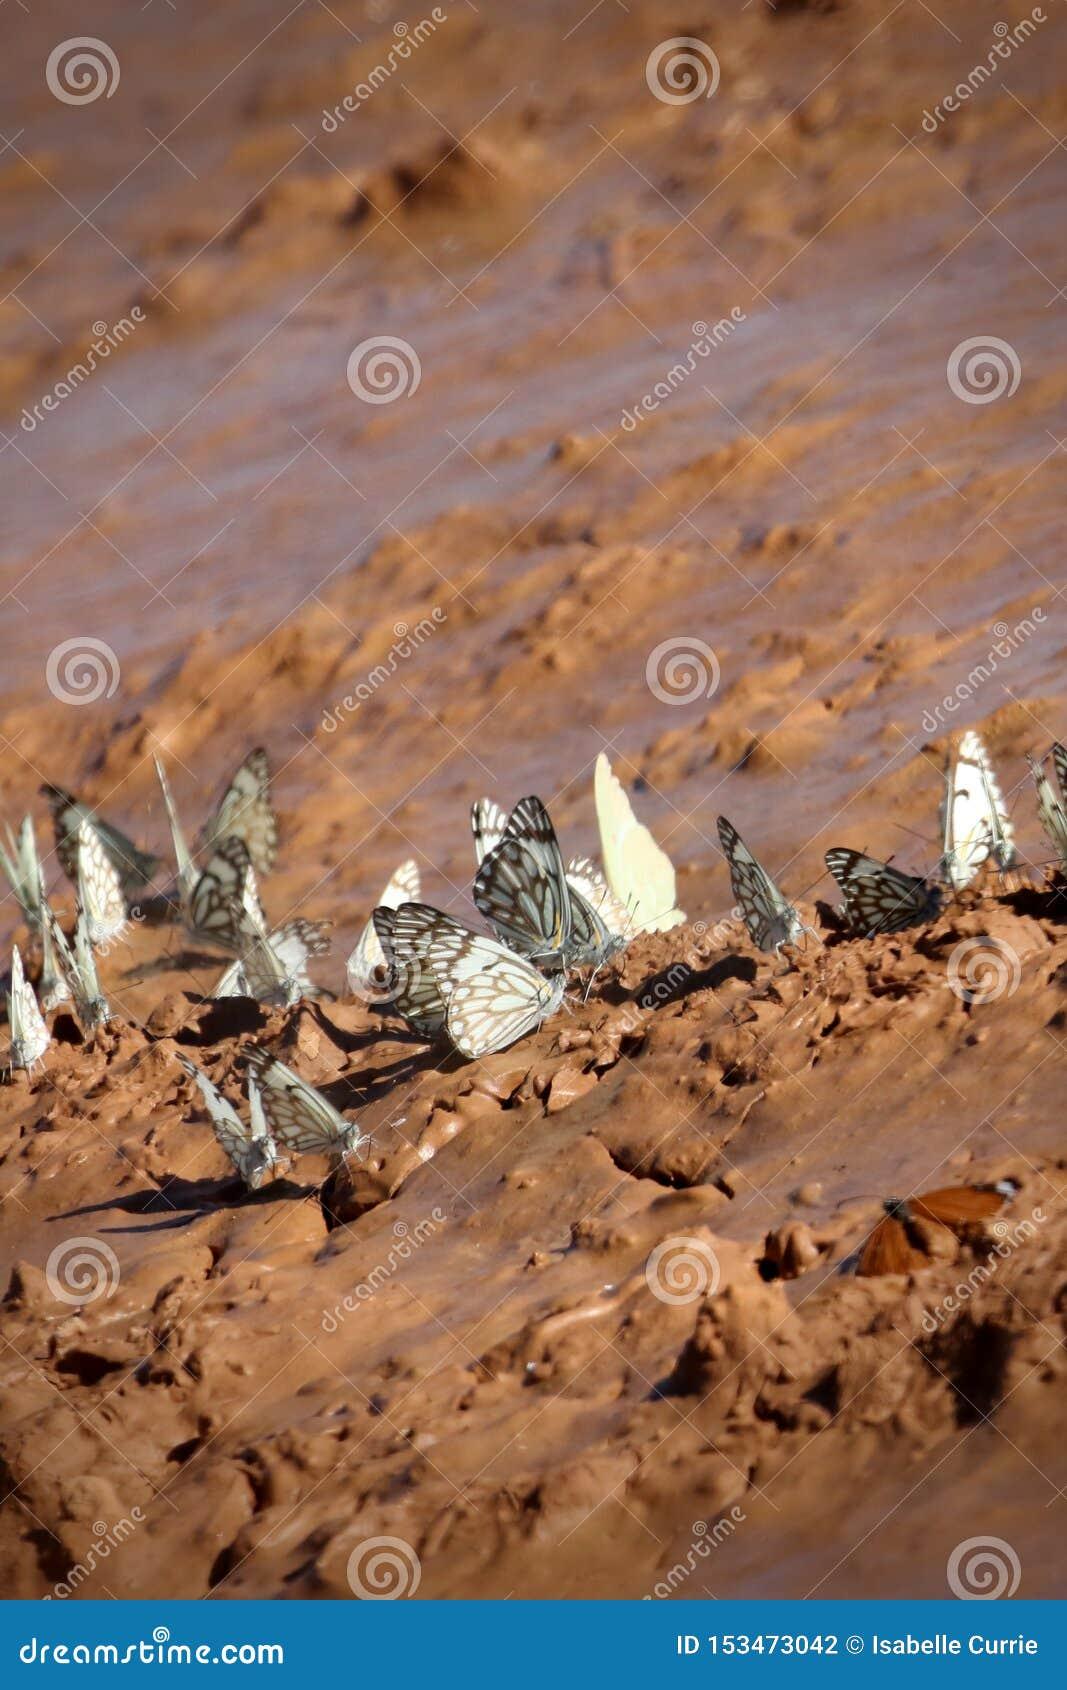 African butterflies after storm